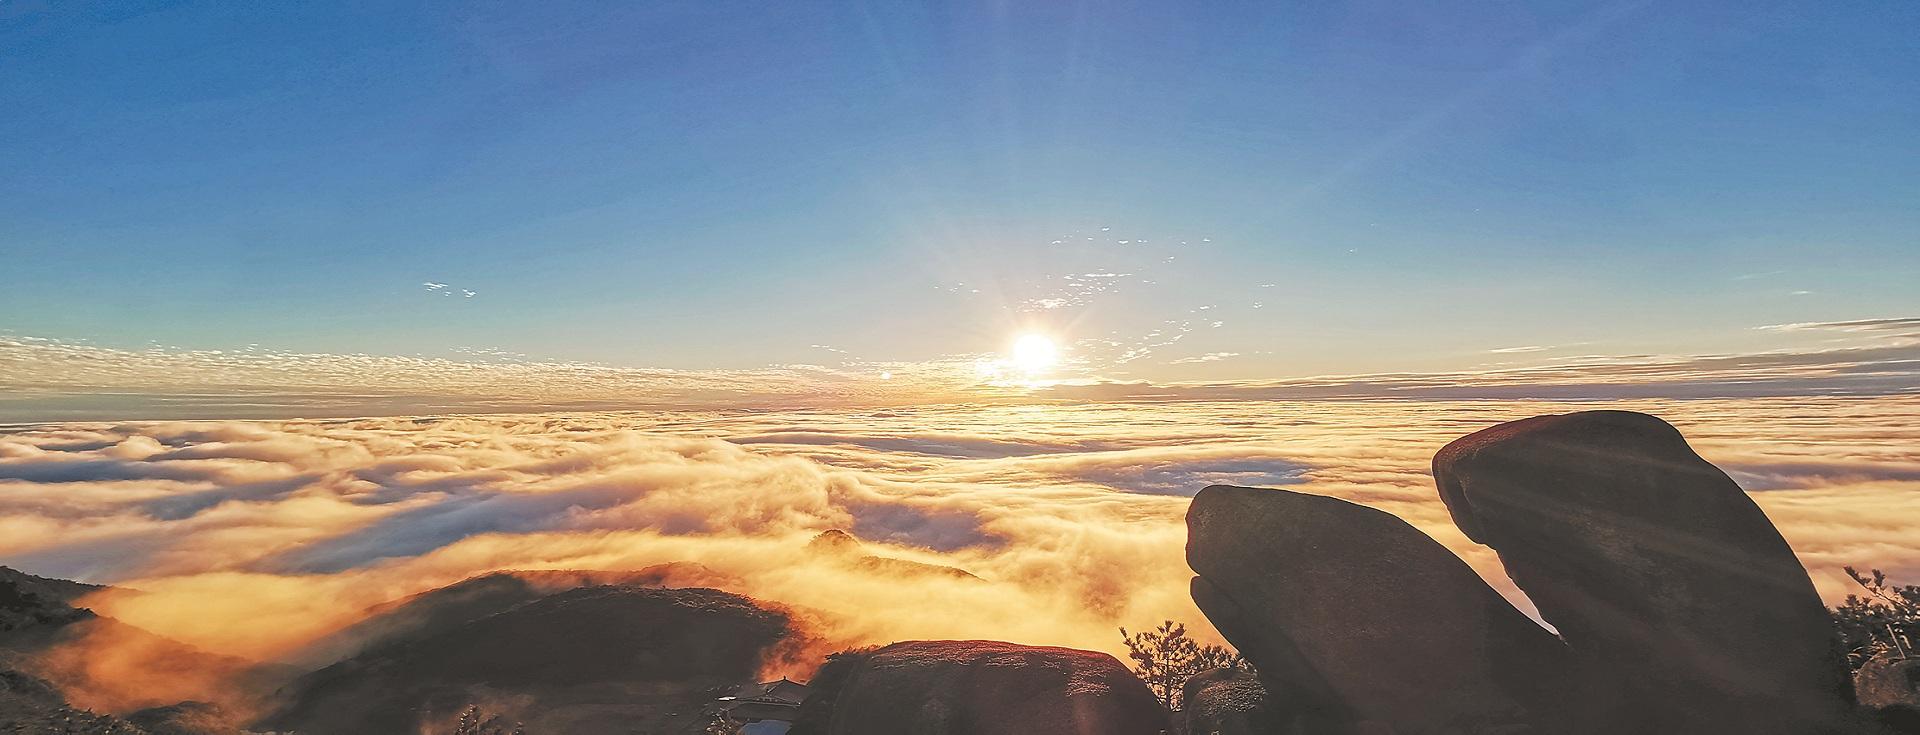 Quanzhou's stunning mountain areas